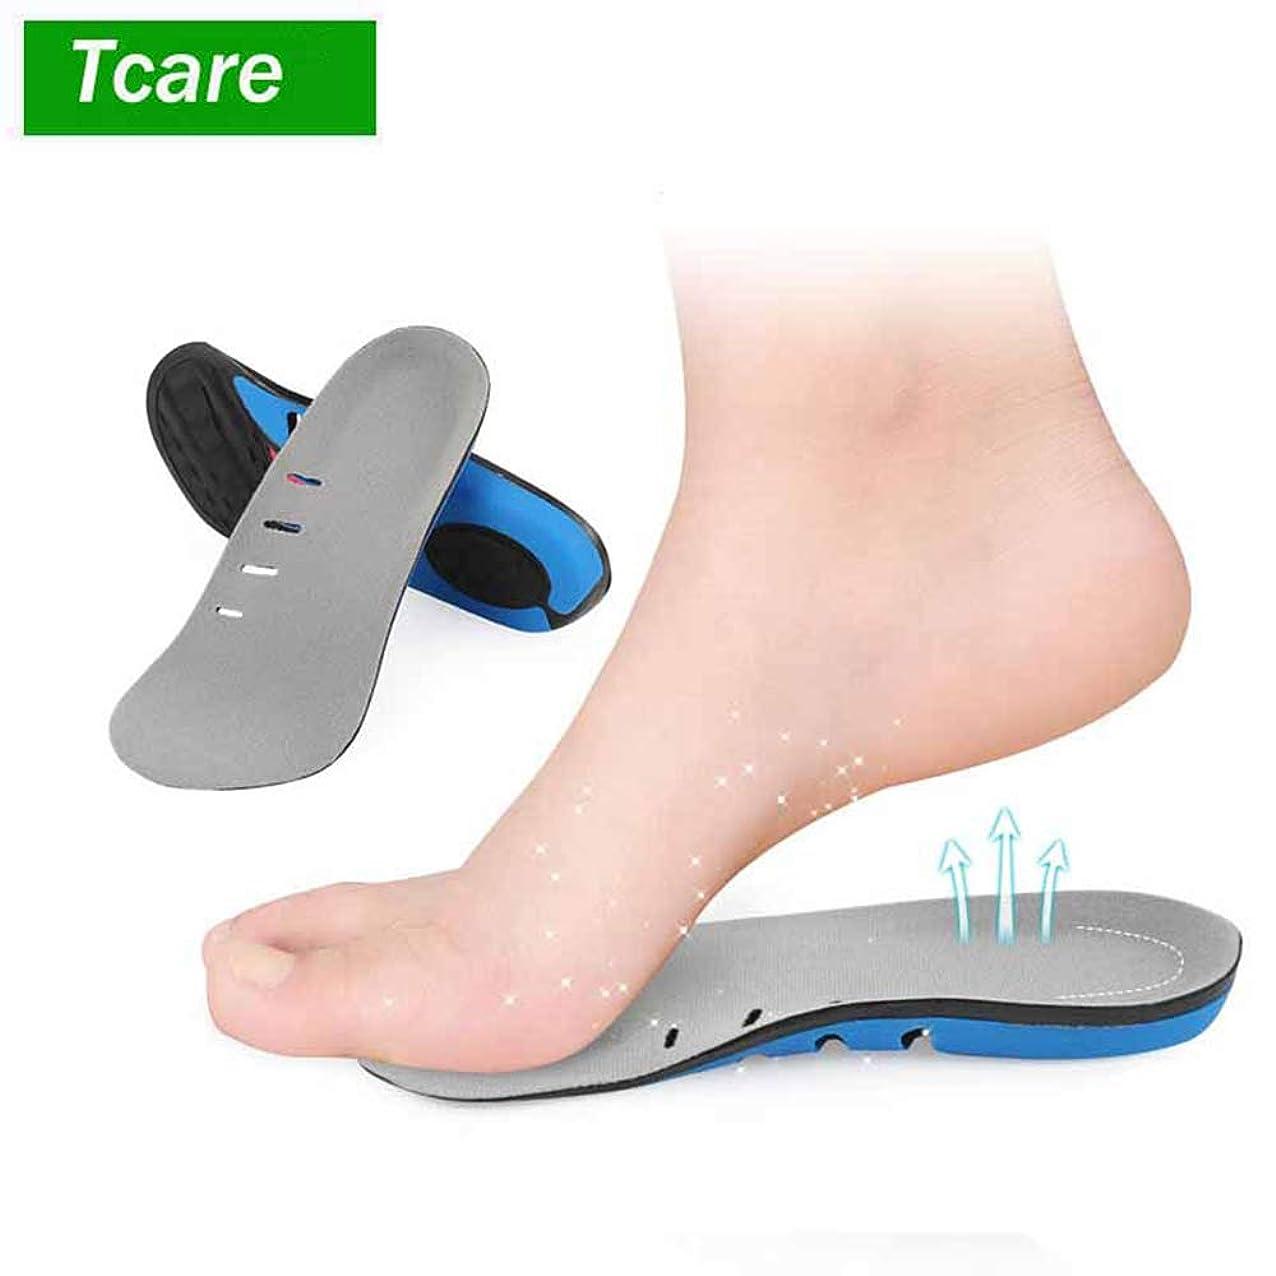 カプセル静けさ島靴のマッサージシューズのインソールは、男性用/女性用の足底筋膜炎用インソール